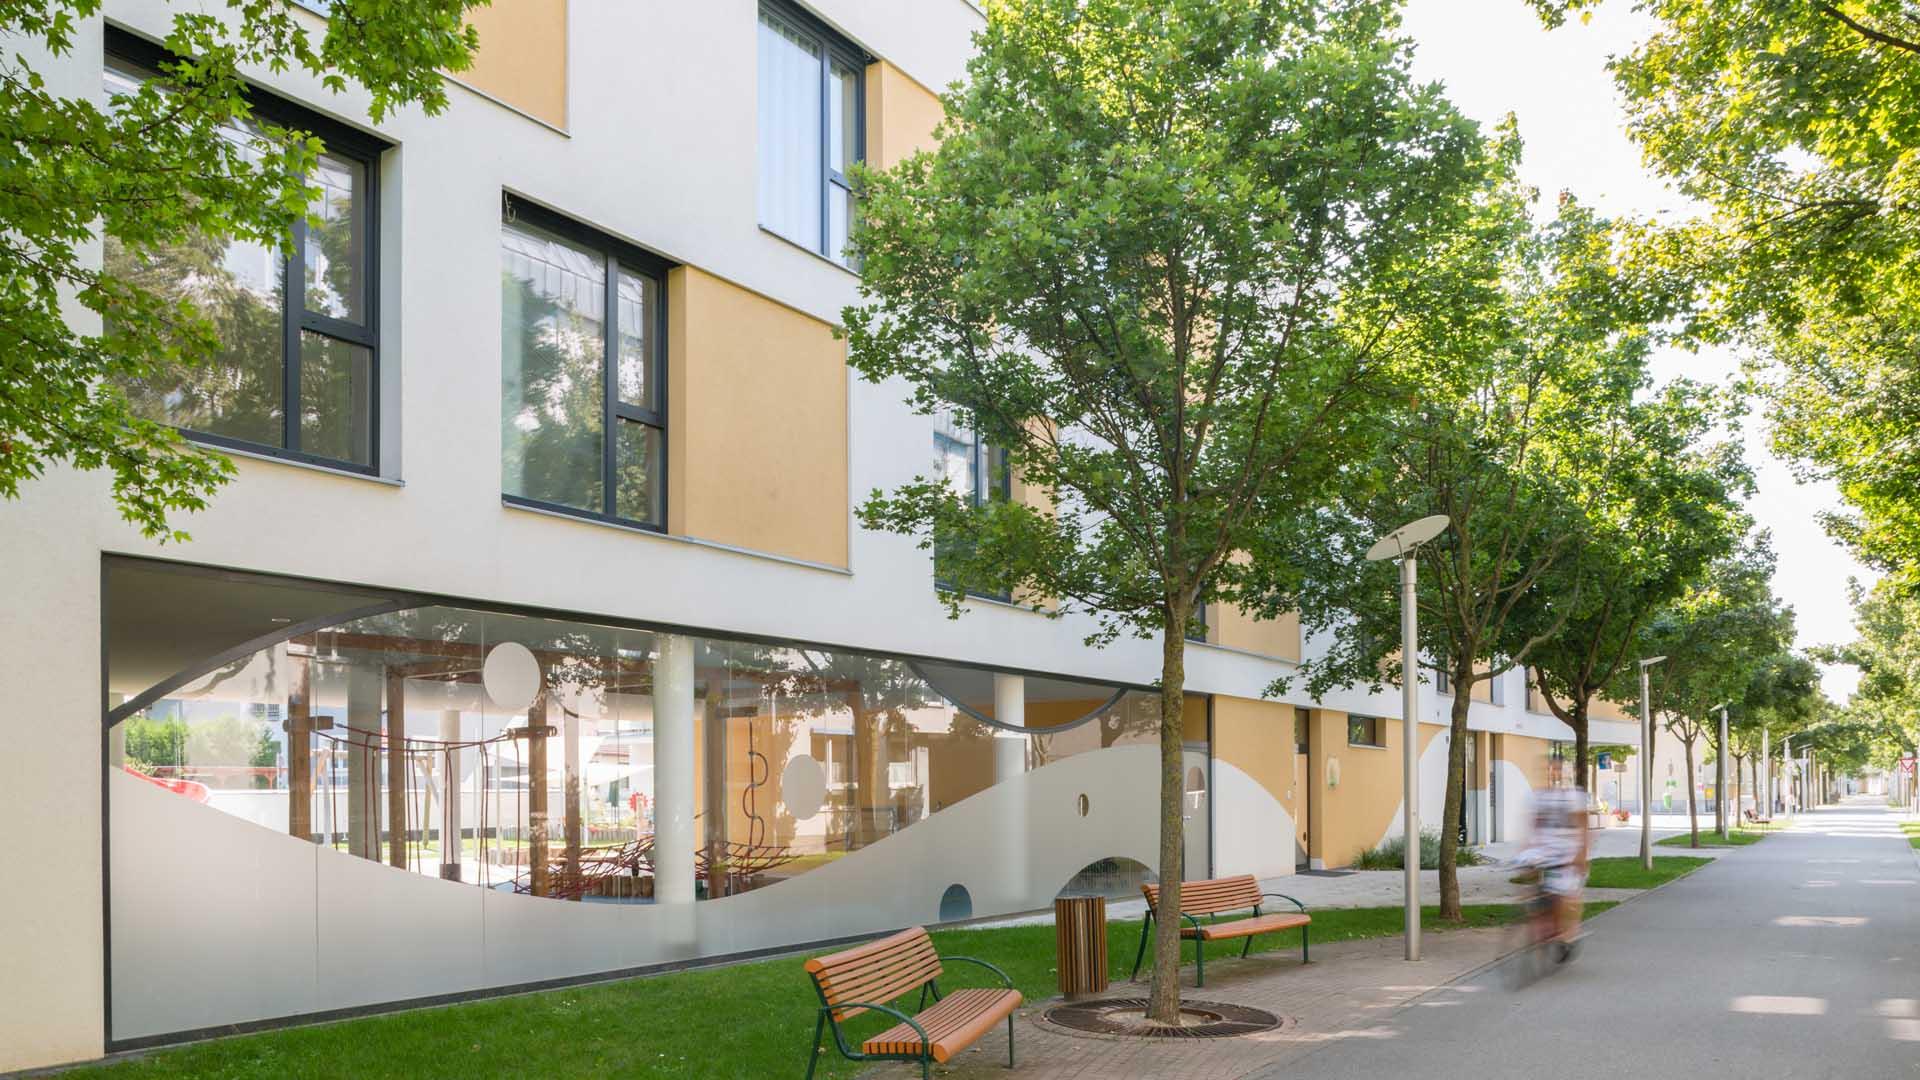 mehrzweckgebäude wohnhausanlage kindergarten deutsch wagram